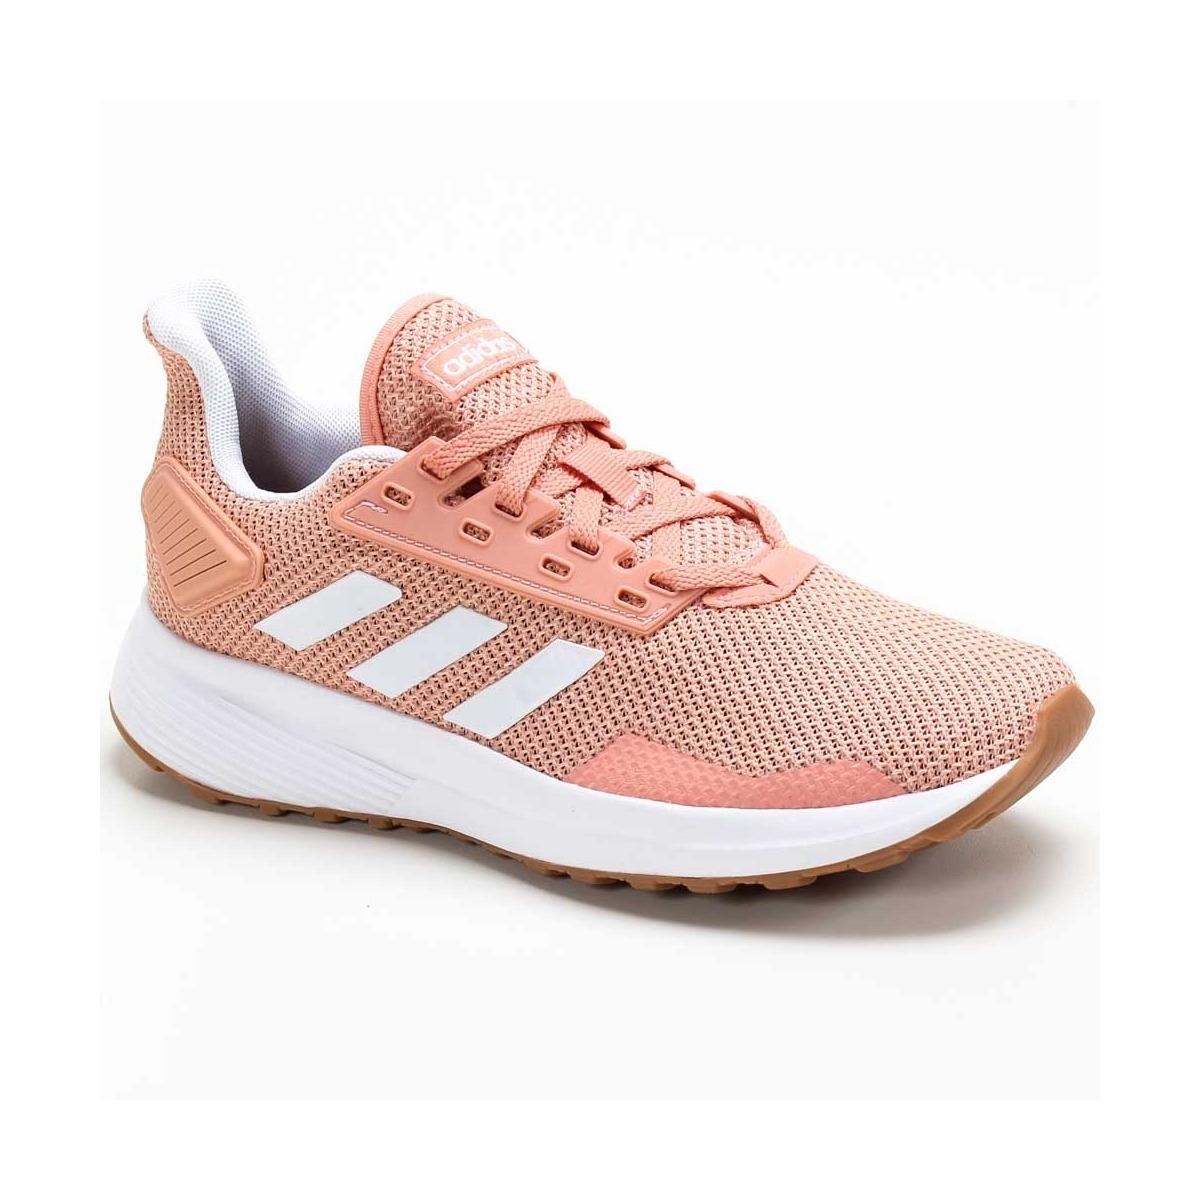 Zapatillas Piel Duramo Colores Para Gris 9 Y Adidas Mujer PiXTkuOZ